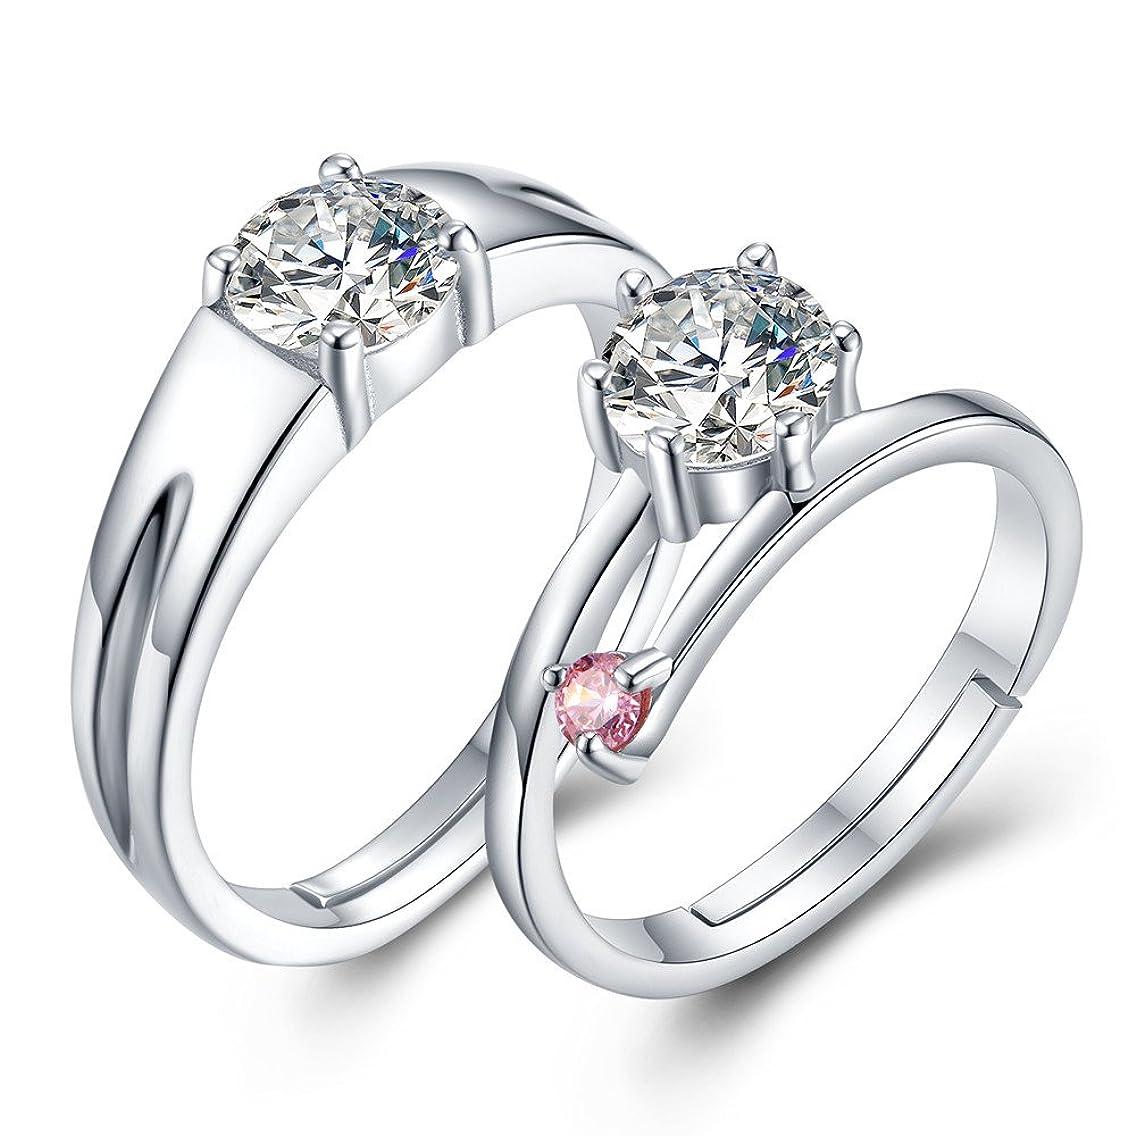 等職業導出JUDYの秘密<愛の言葉>ペアリング 2個セットレディースリング メンズリング純銀指輪 キラキラ結婚指輪 婚約指輪 豪華 フリーサイズ